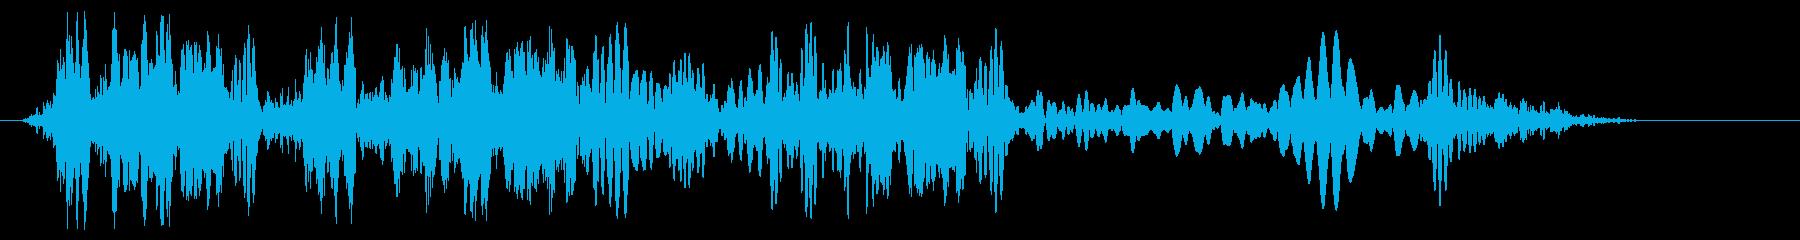 ロープが巻き取られる音の再生済みの波形